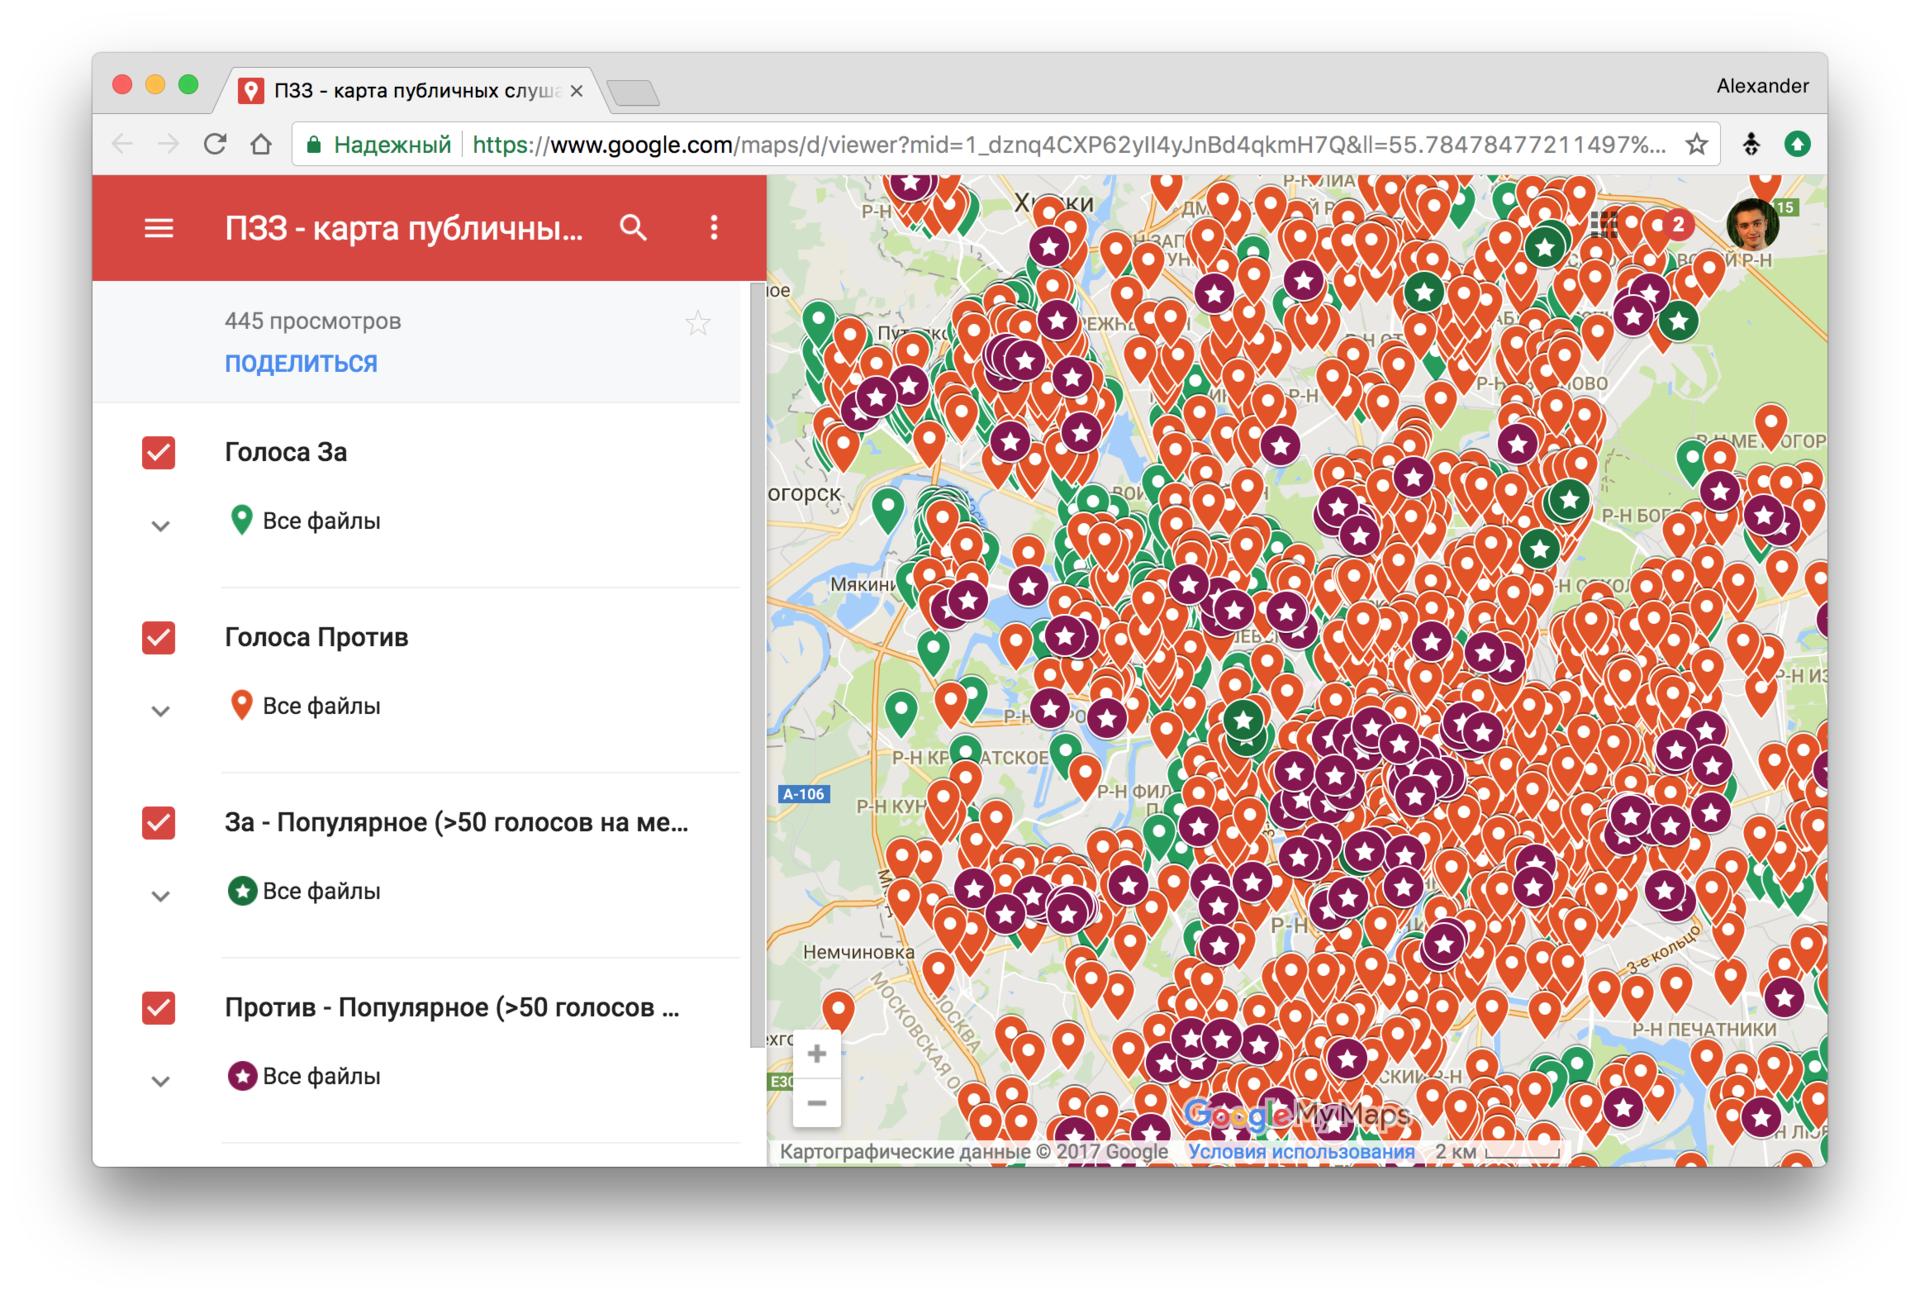 Наташа — библиотека для извлечения структурированной информации из текстов на русском языке - 3